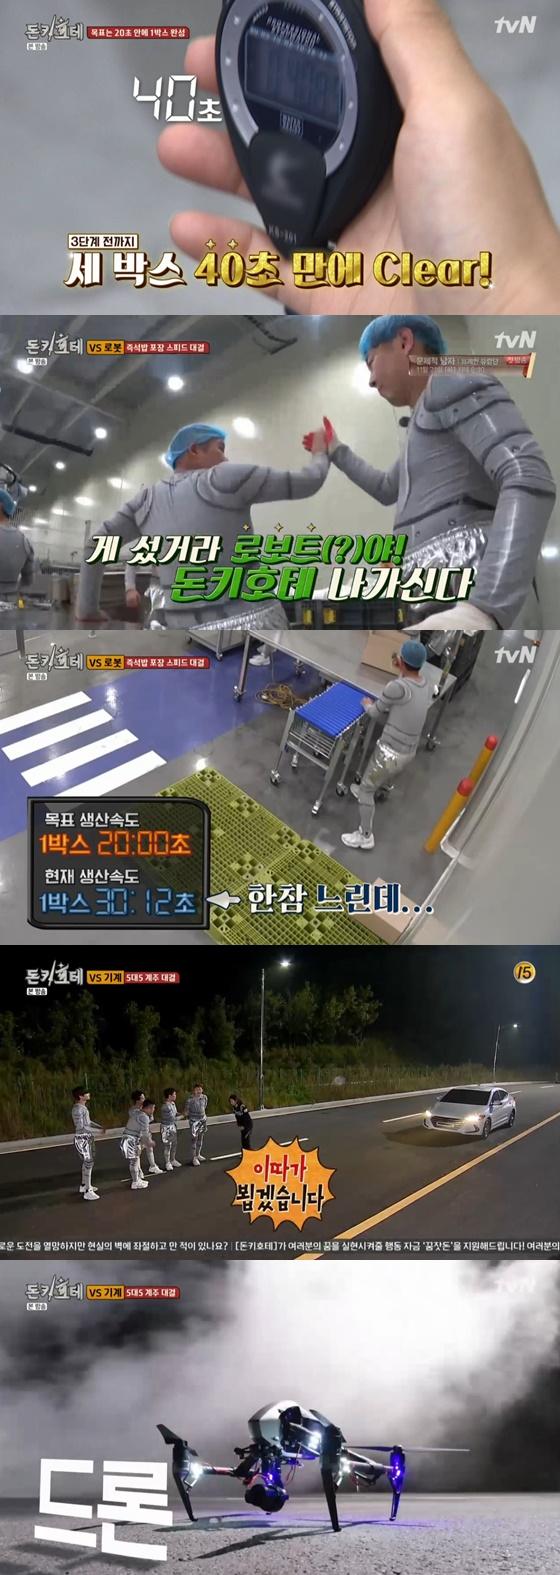 /사진= tvN 주말 예능 '돈키호테' 방송 화면